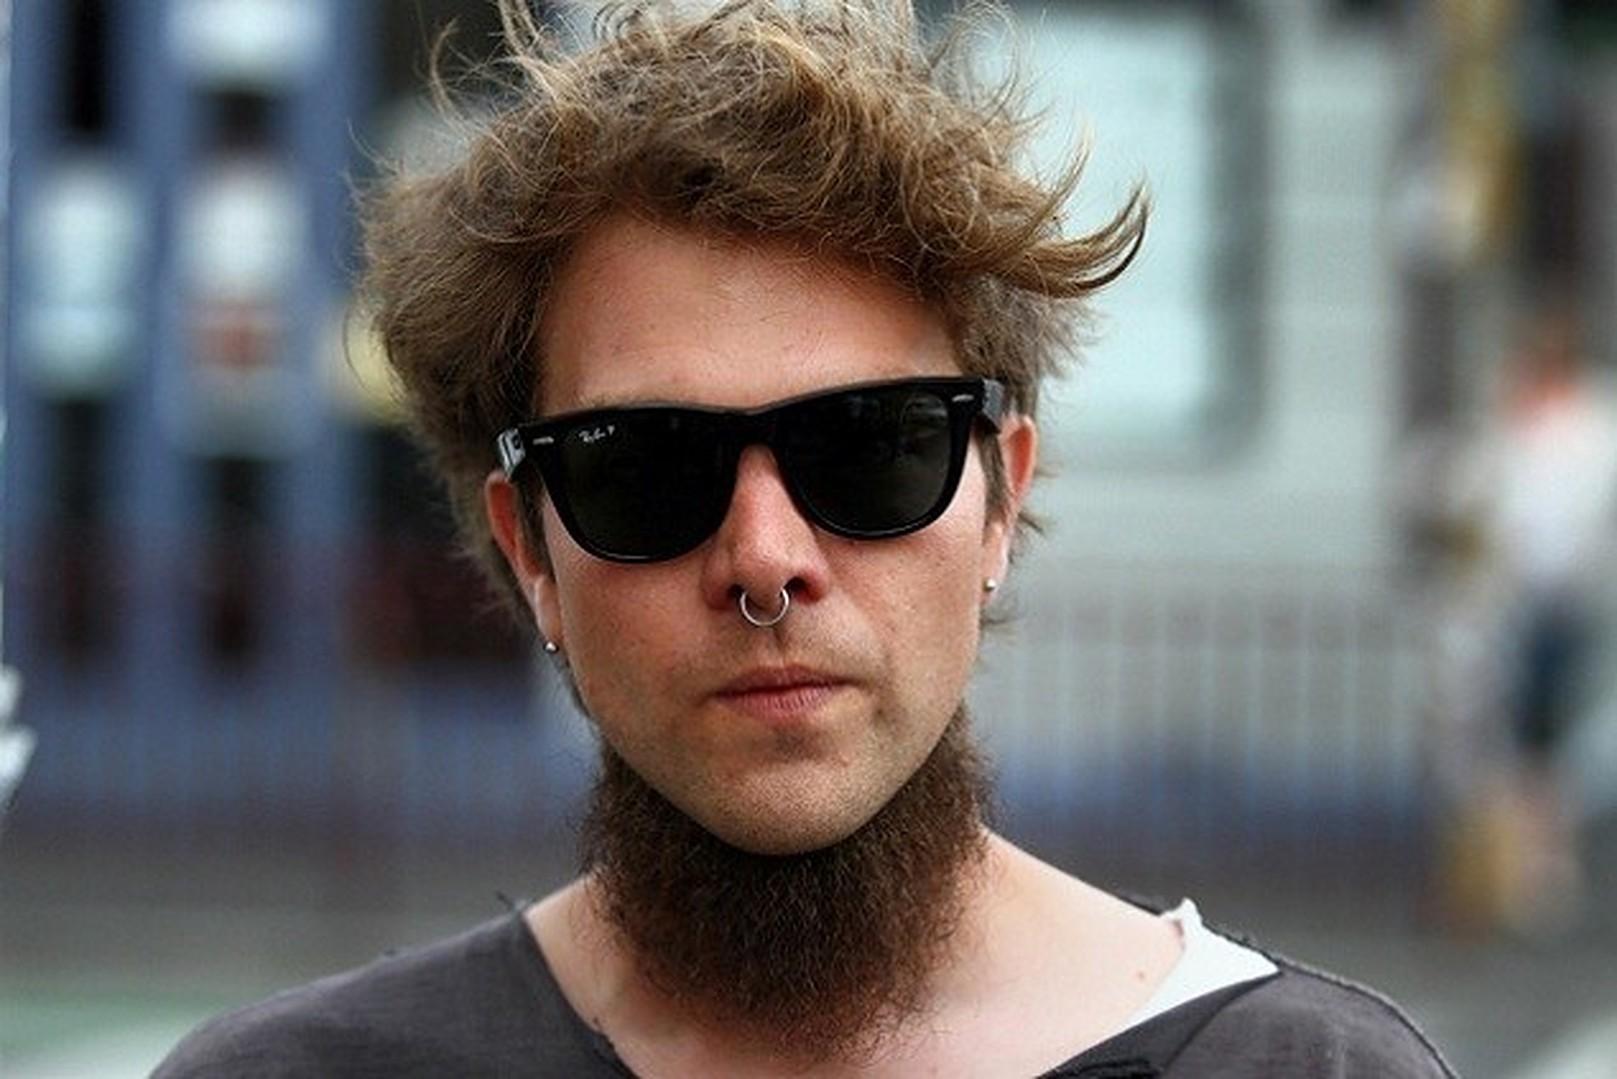 Neckbeard styles for men